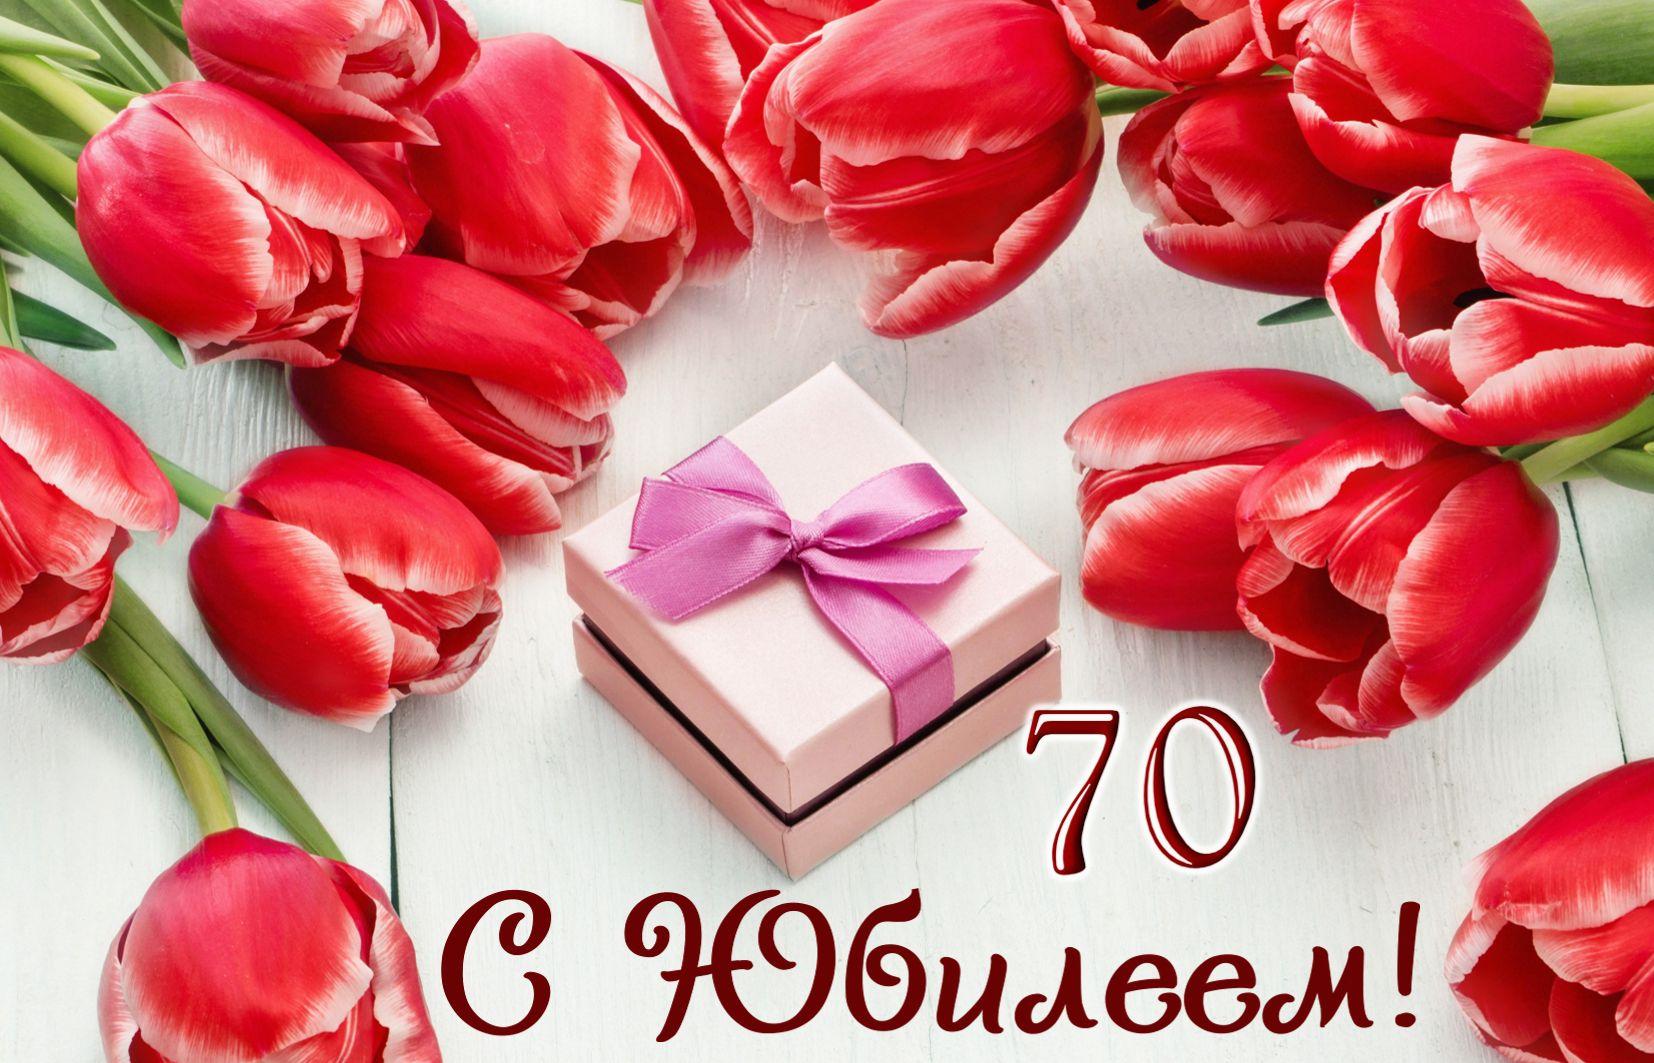 Красные тюльпаны с подарком на юбилей 70 лет